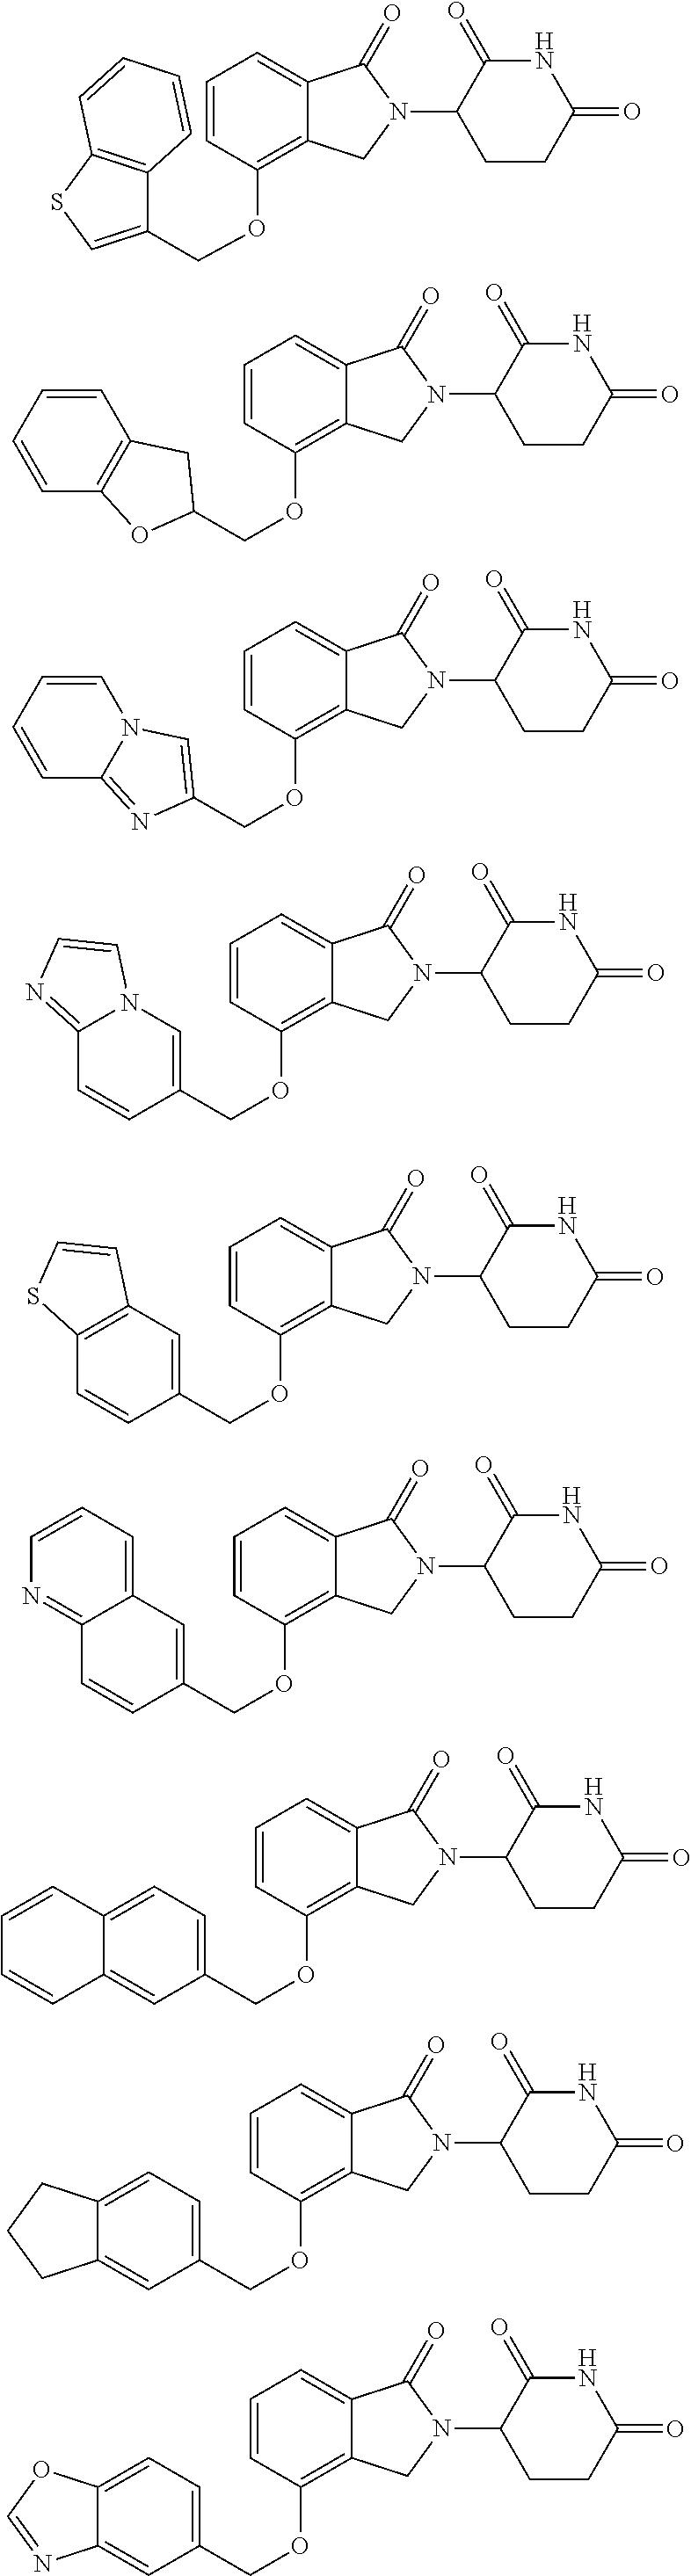 Figure US09822094-20171121-C00023